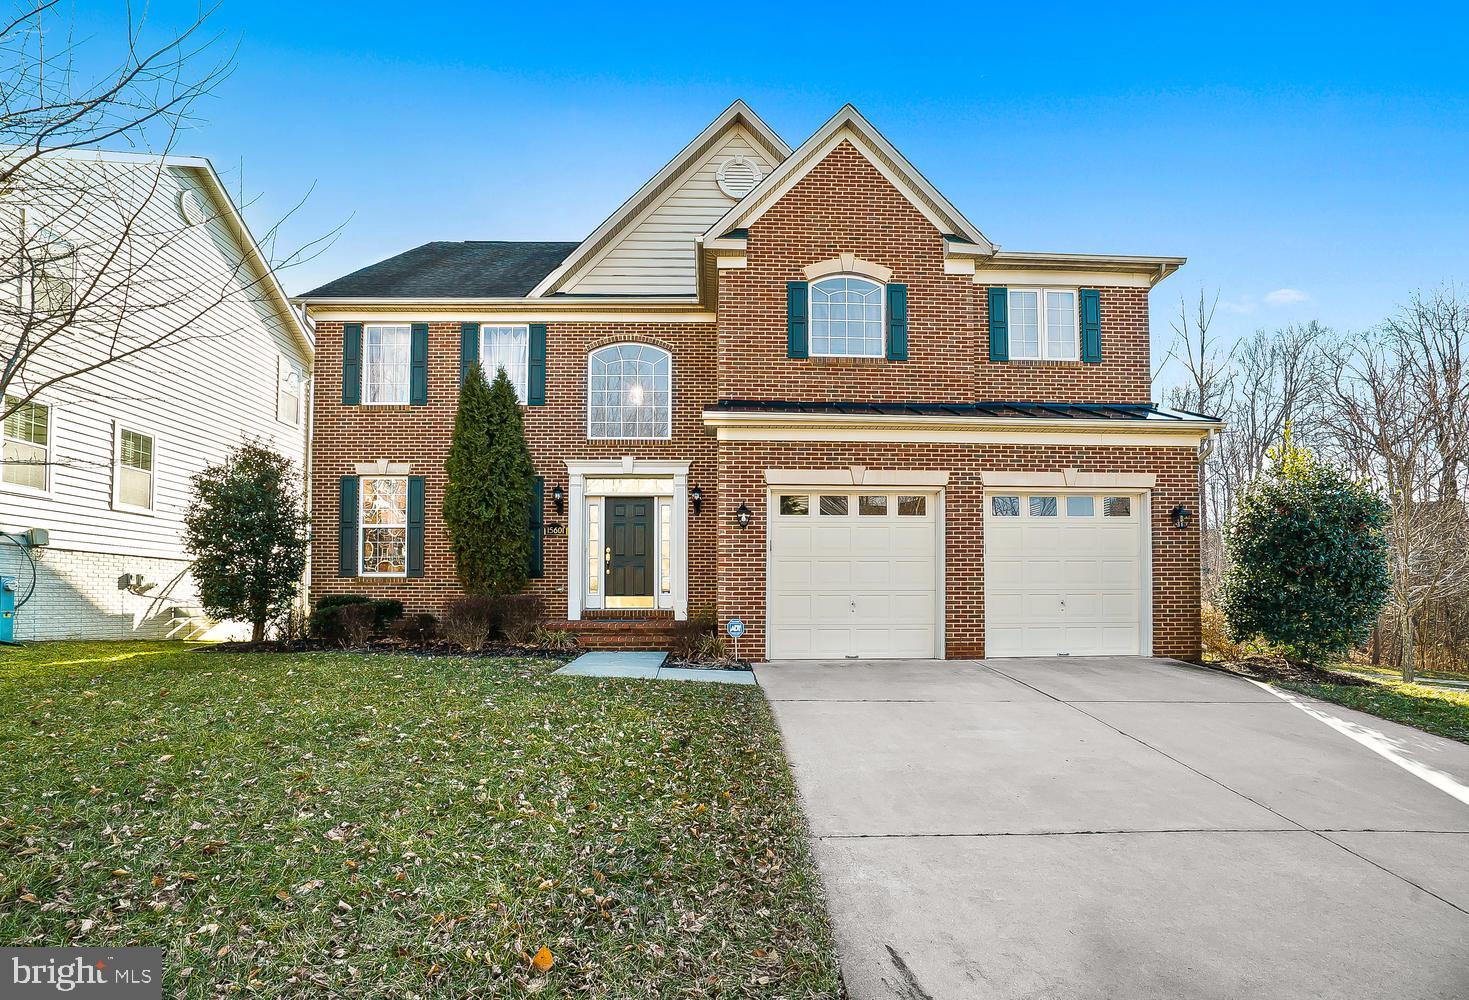 15601 Easingwold Ln, Upper Marlboro, MD, 20774